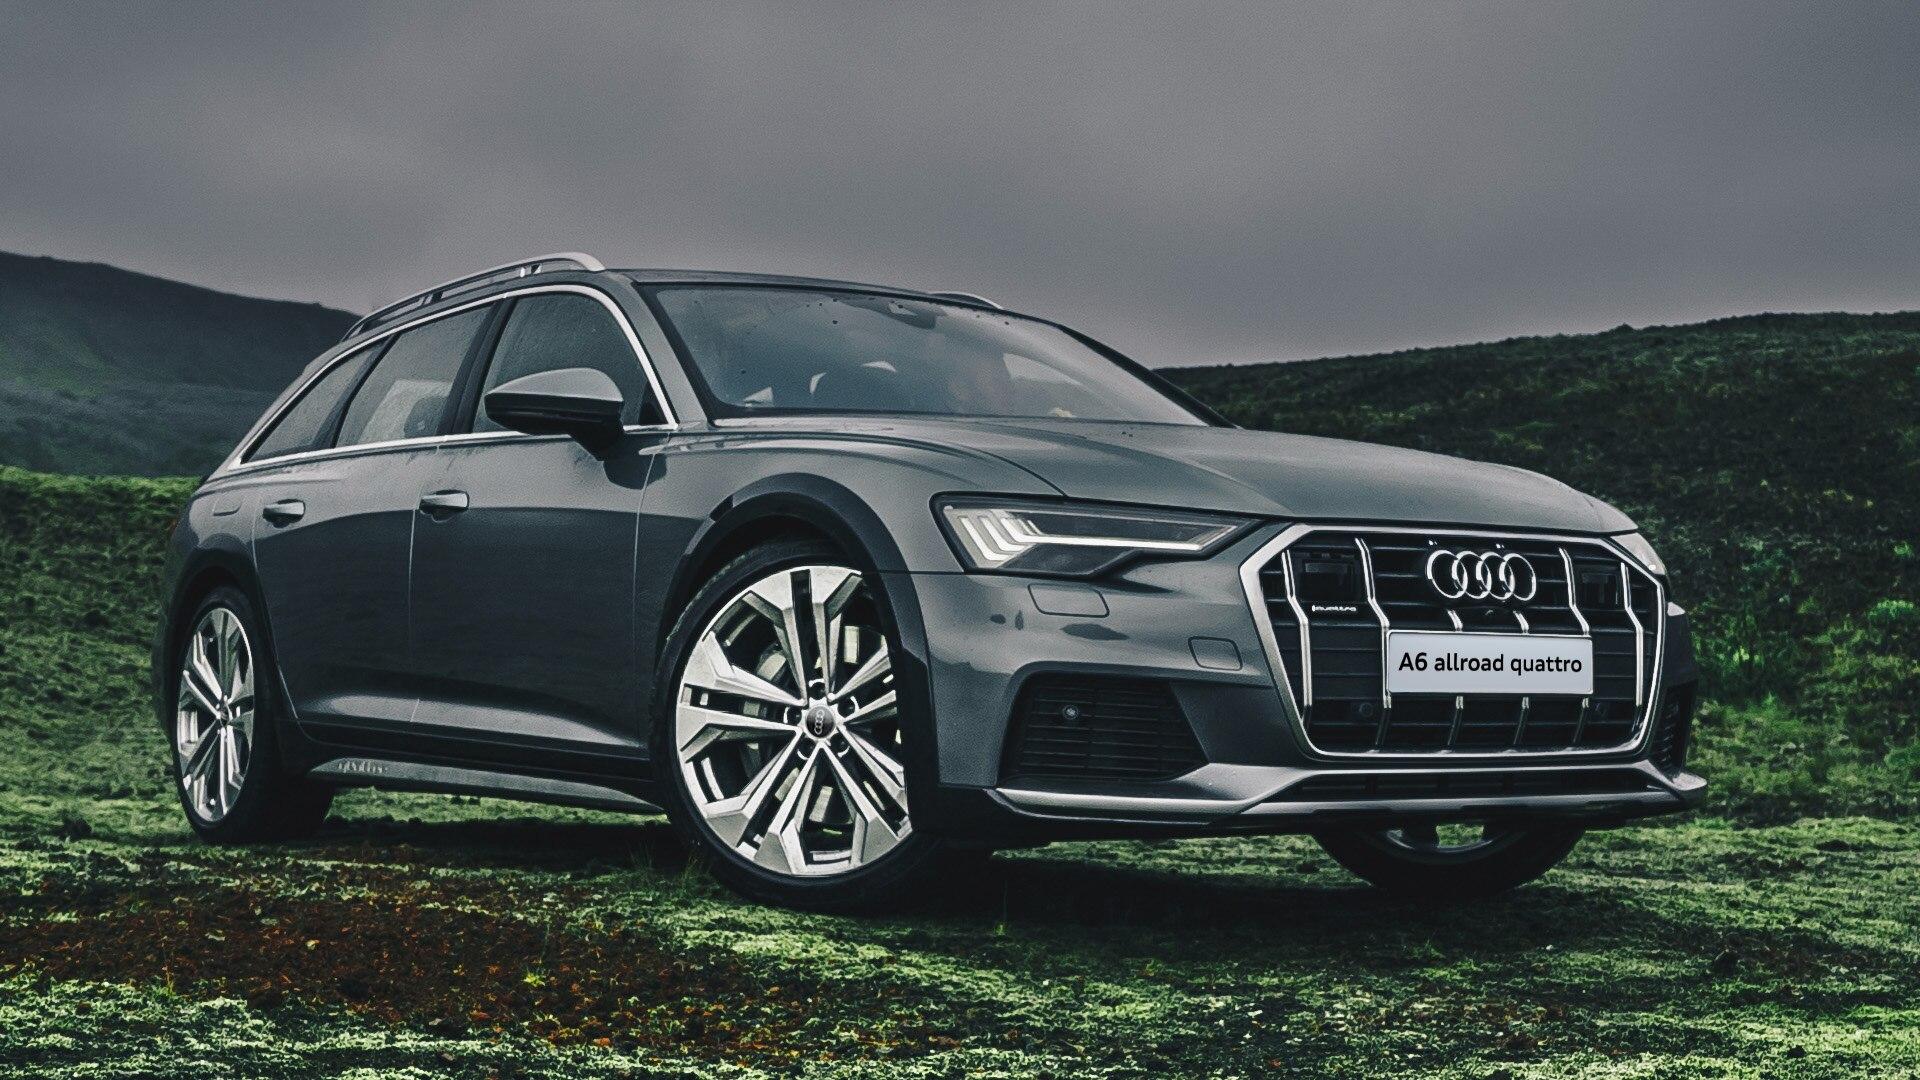 Фото автомобиля Audi A6 allroad quattro 2019